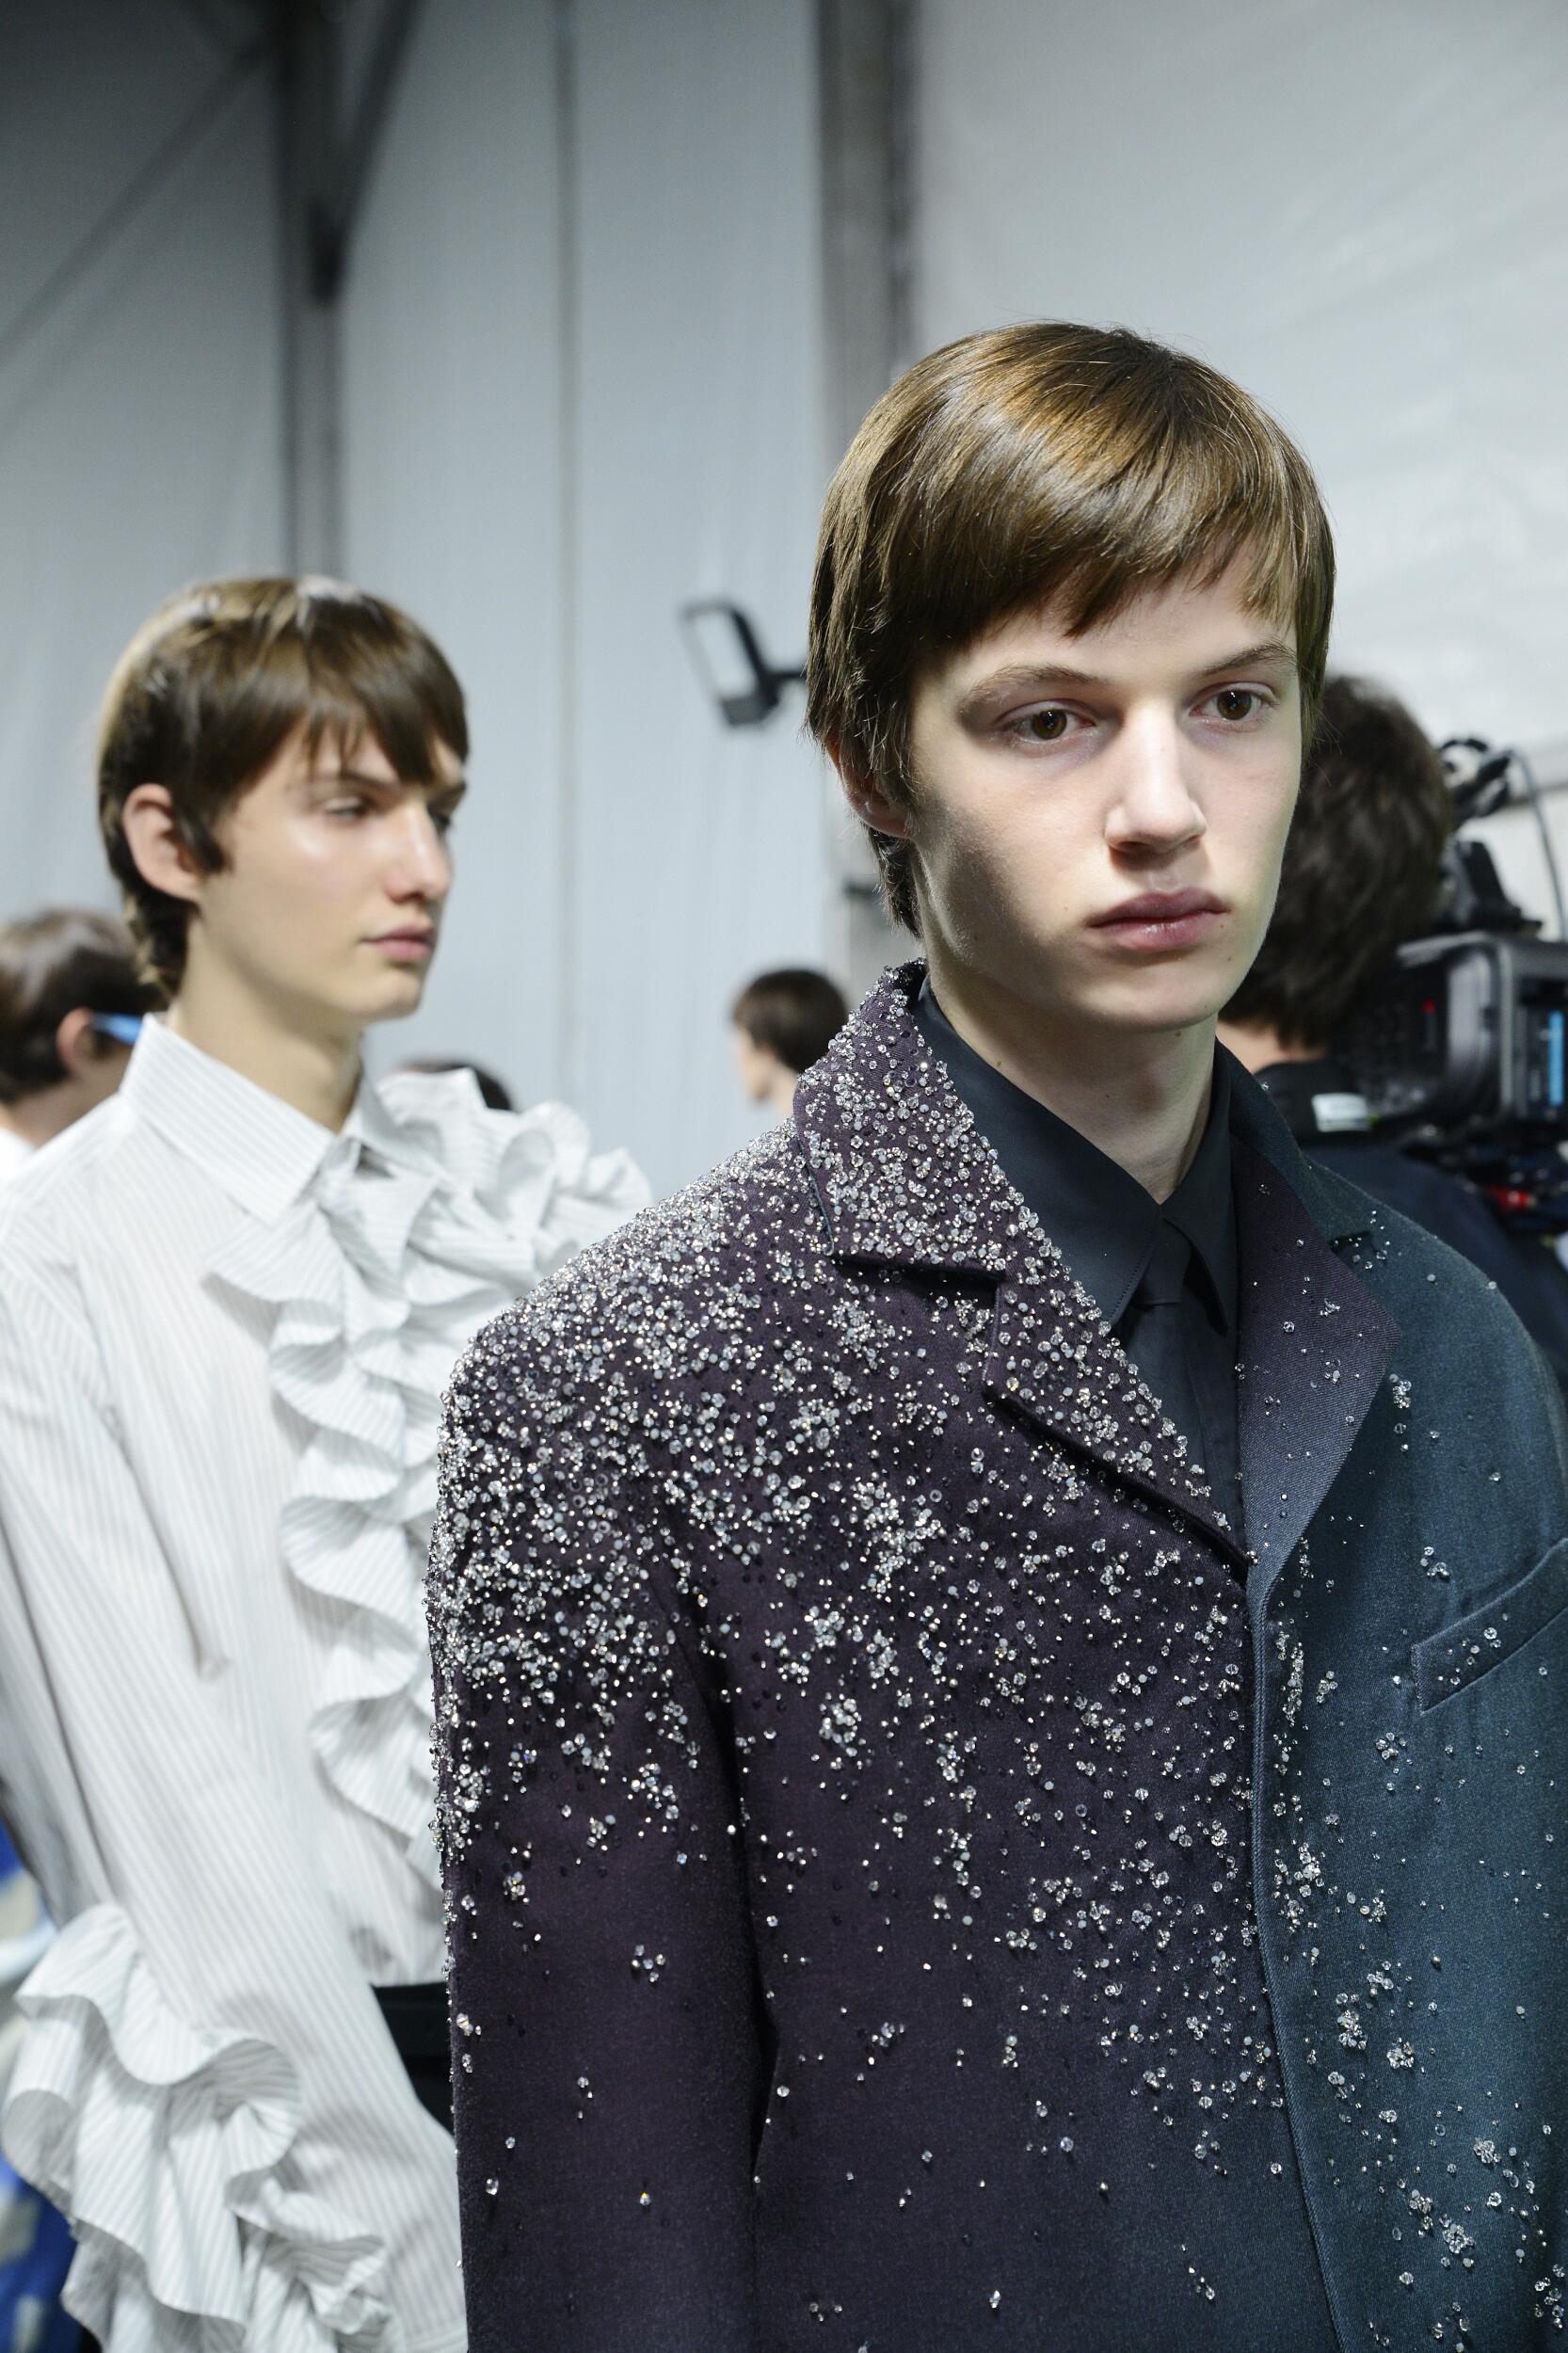 Backstage Louis Vuitton Models 2020-21